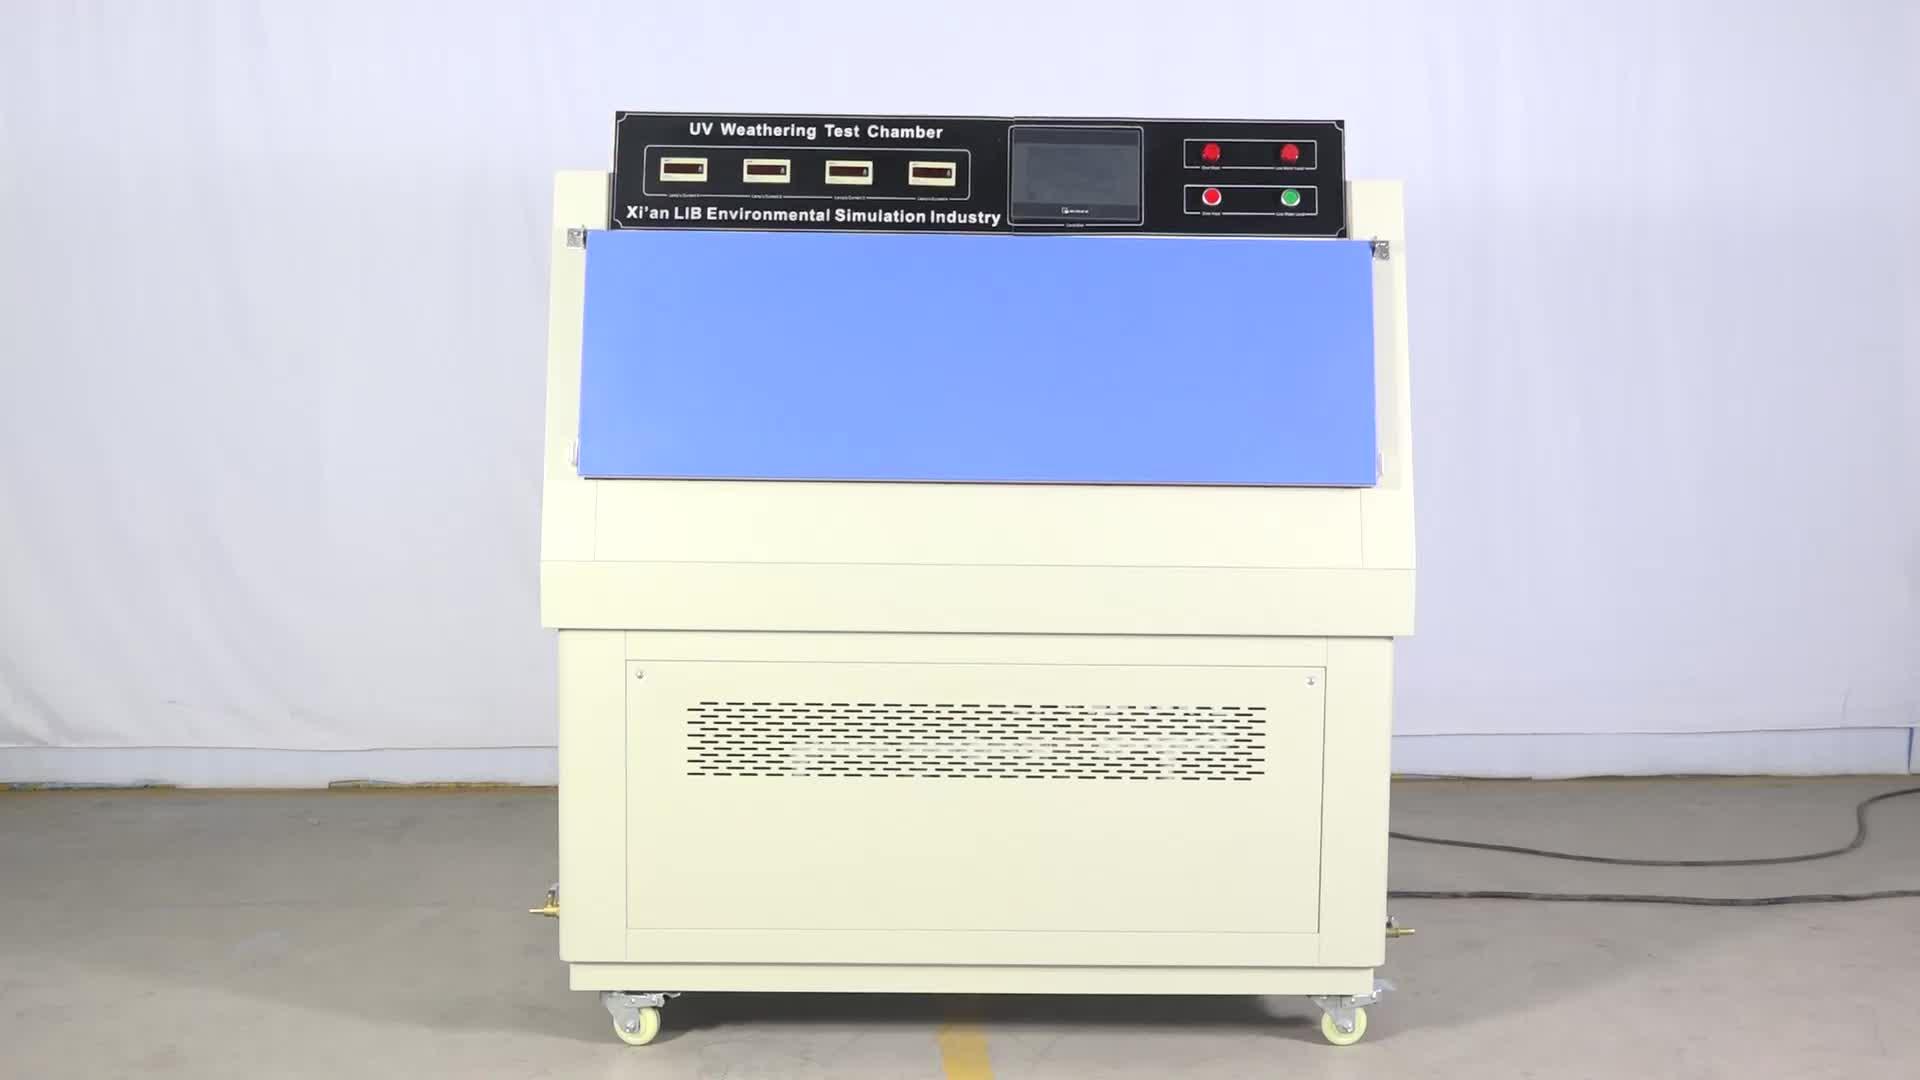 Simulation De la lumière solaire Vieillissement Ultraviolet UV Lumière Dispositif D'essai